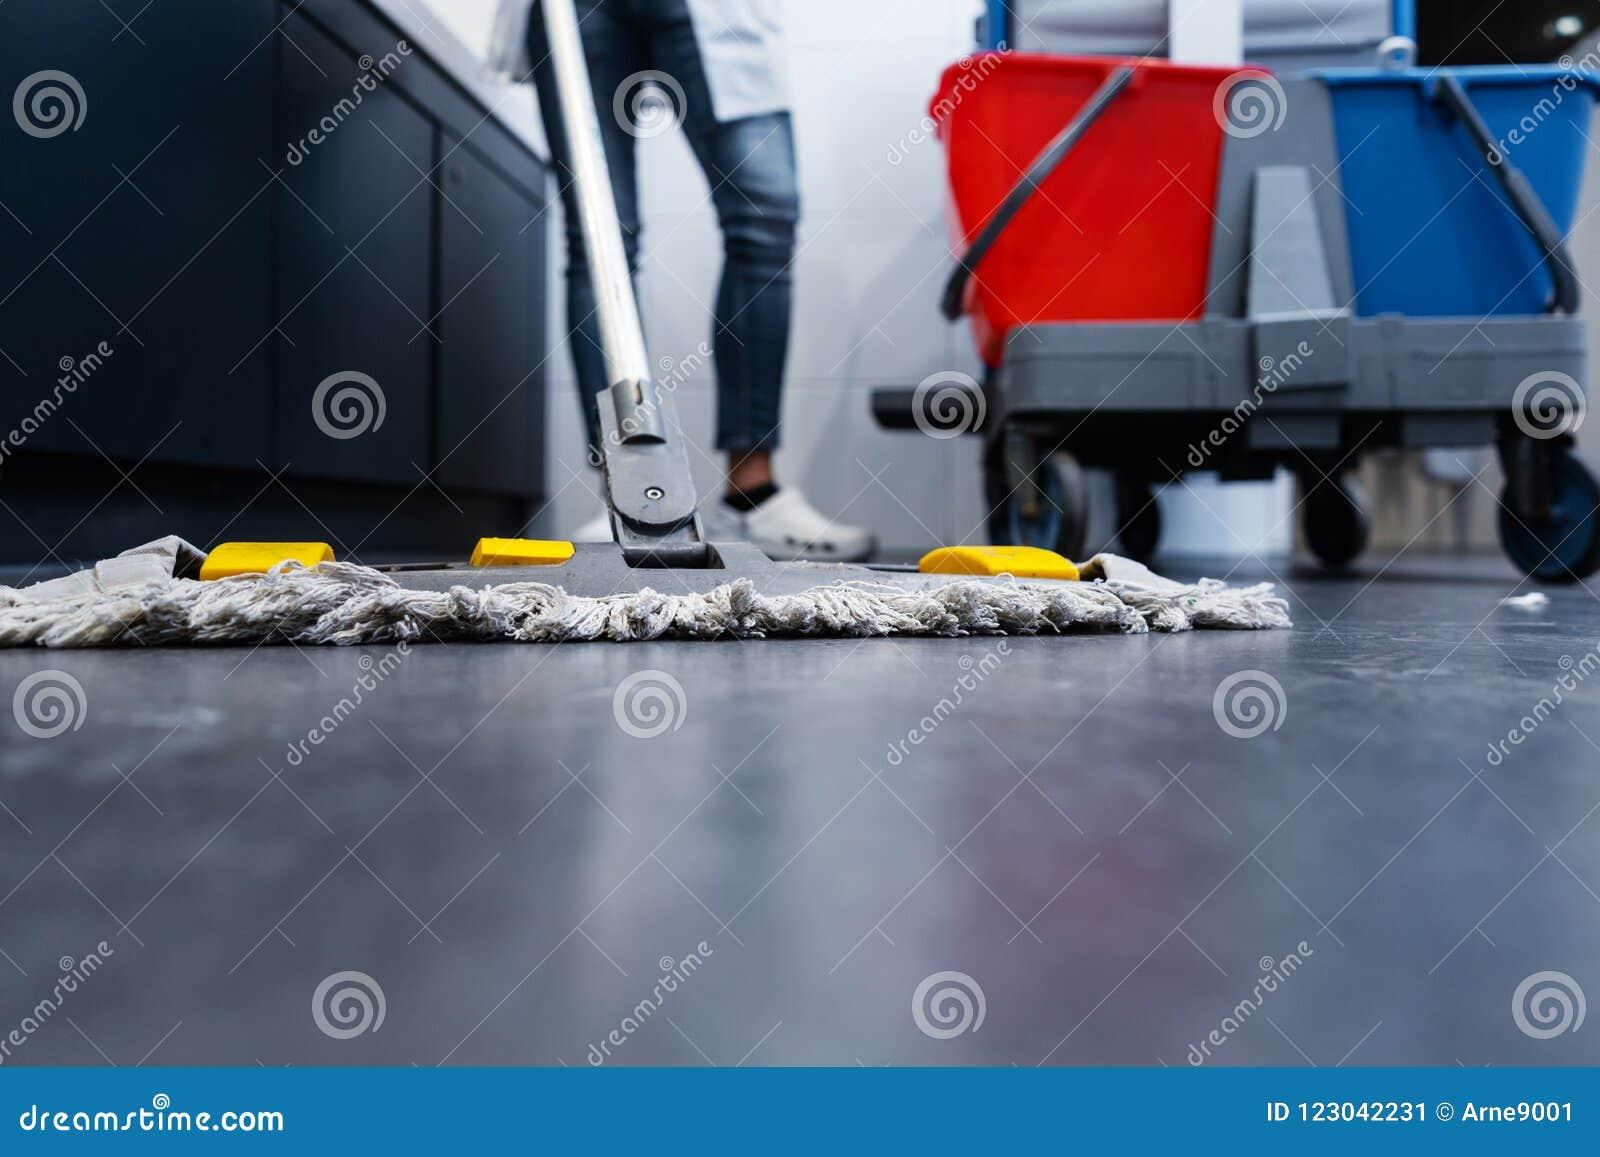 Низкая съемка уборщицы mopping пол в уборном